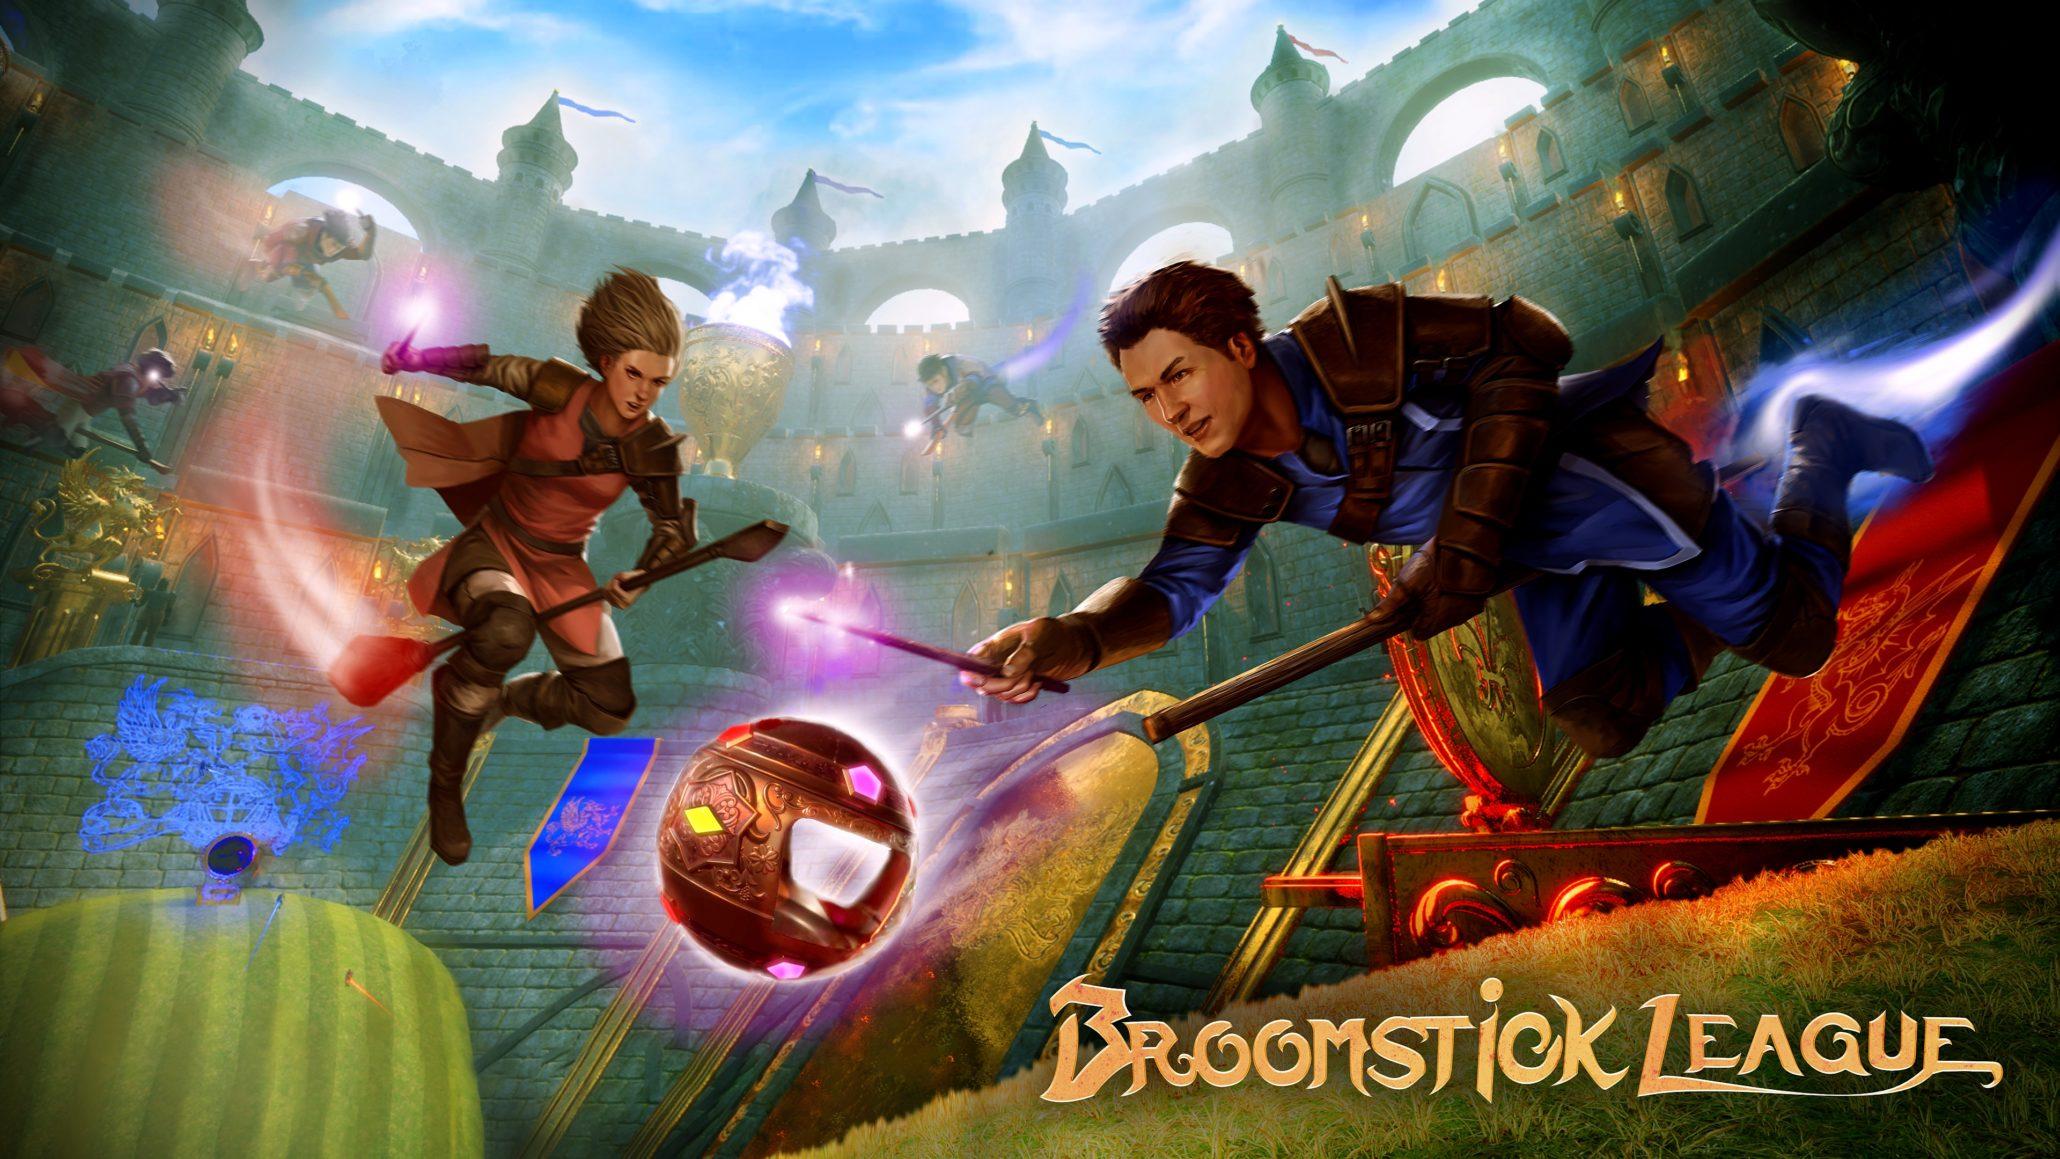 Virtual Basement se inspiró en Quidditch para realizar el Broomstick League